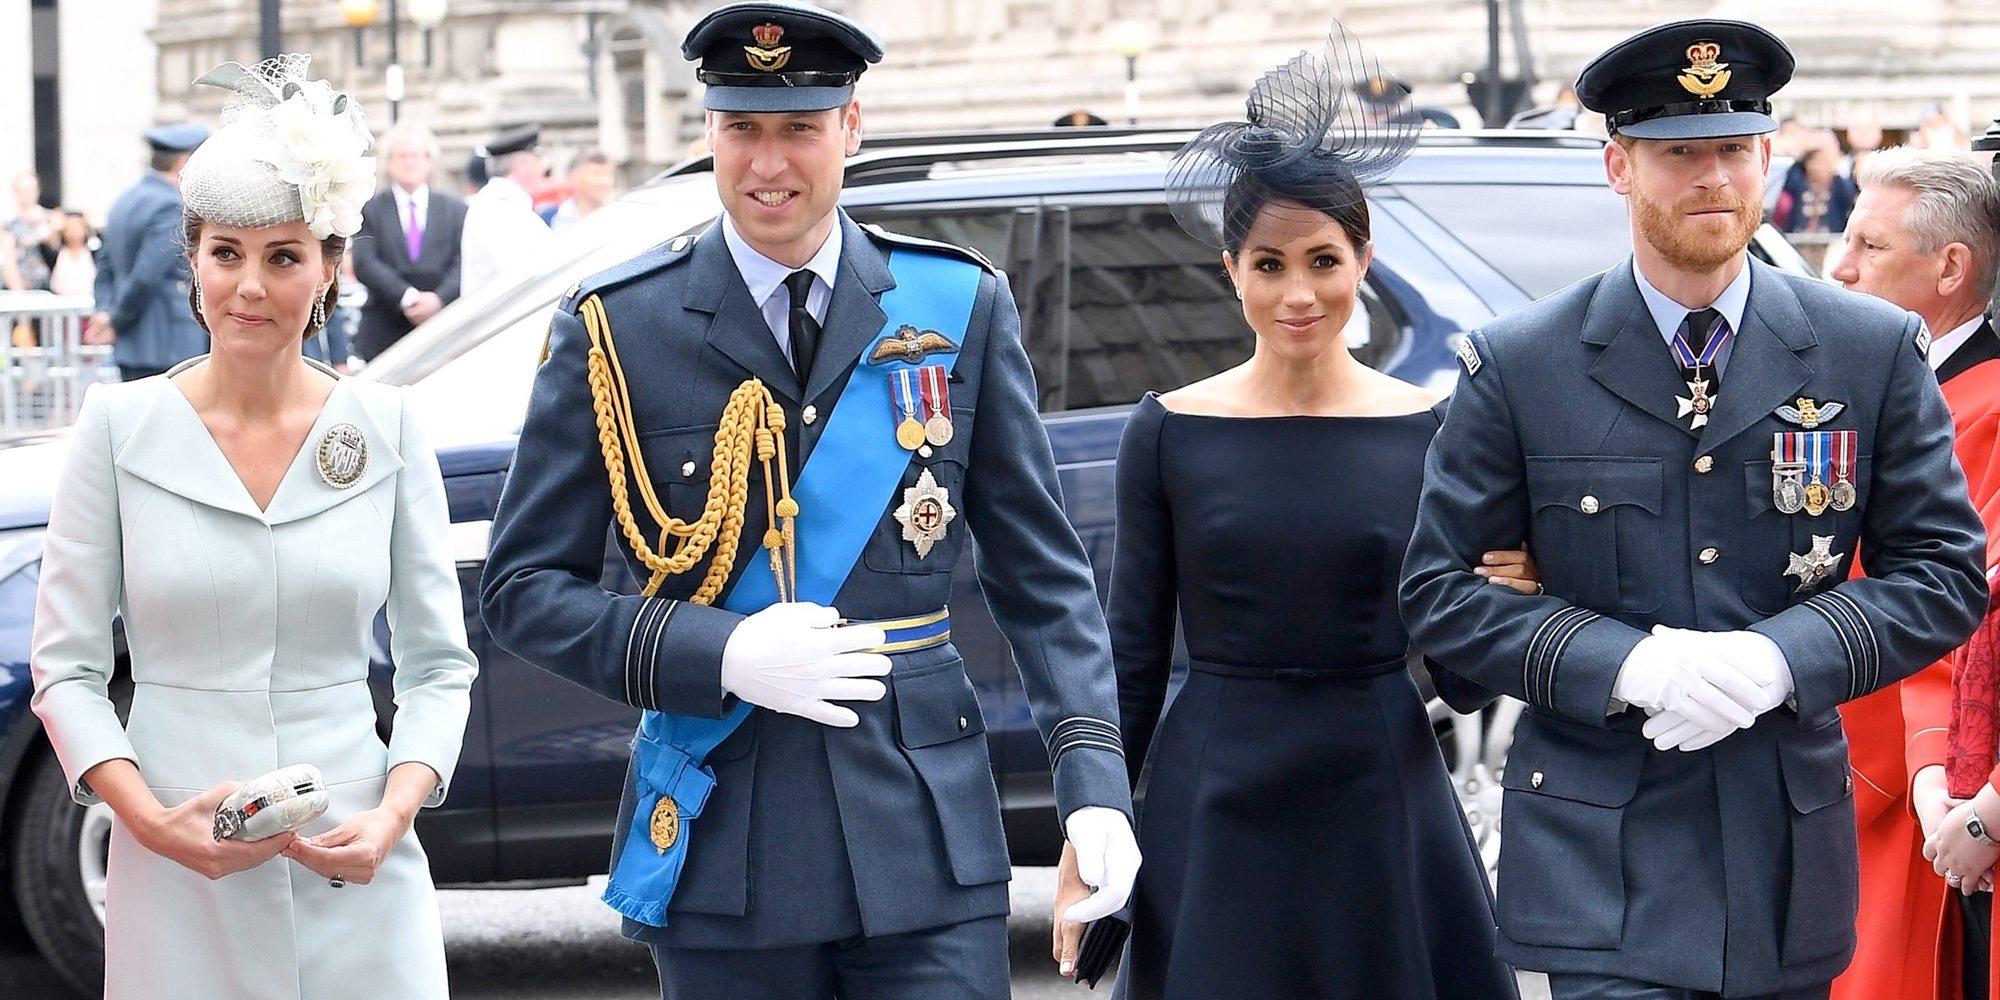 El disgusto que el Príncipe Harry y Meghan Markle han dado al Príncipe Guillermo y Kate Middleton